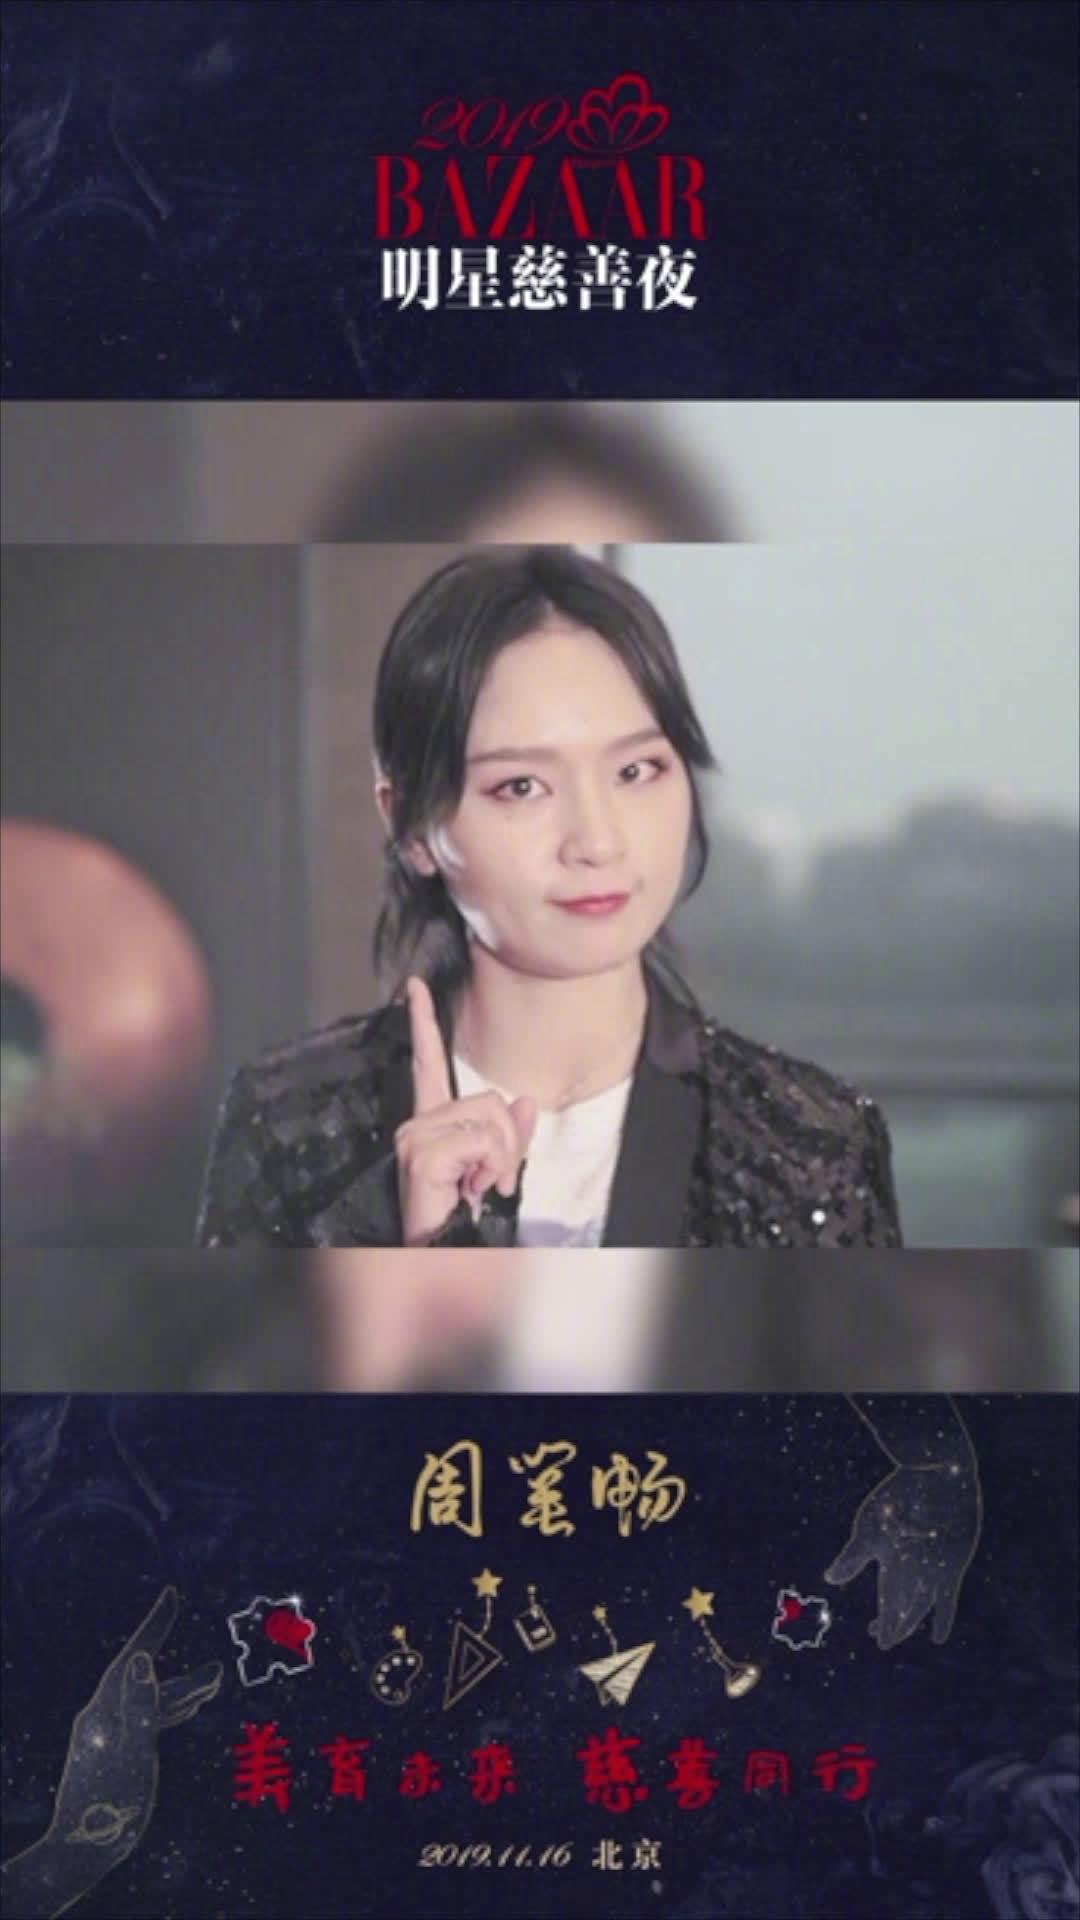 2019 爱是诚挚,感谢@周笔畅 ,为爱凝聚。 @小荔BAZAAR